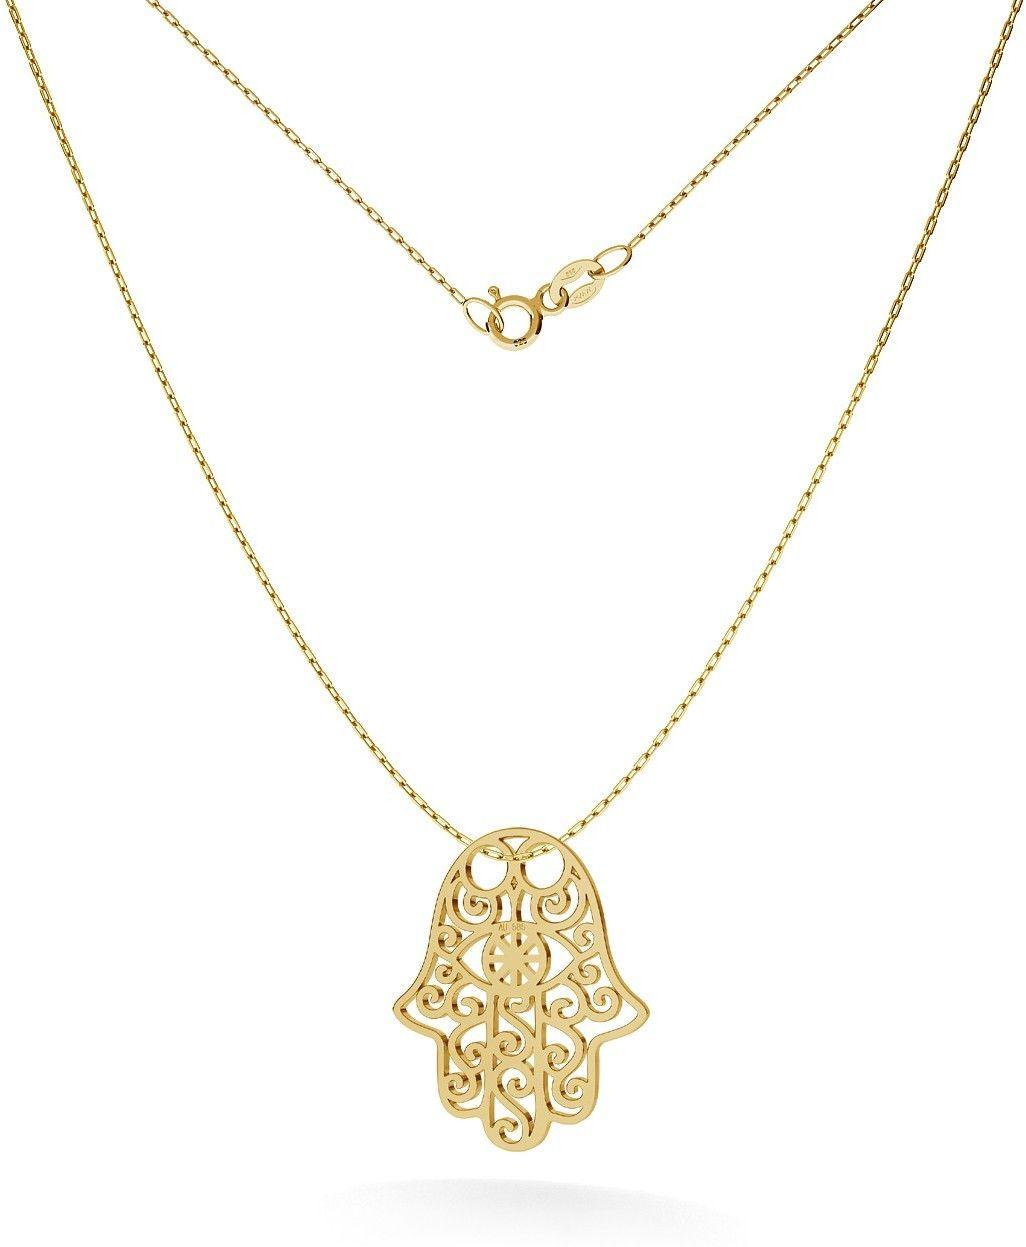 Złoty naszyjnik celebrytka ręka fatimy, au 585